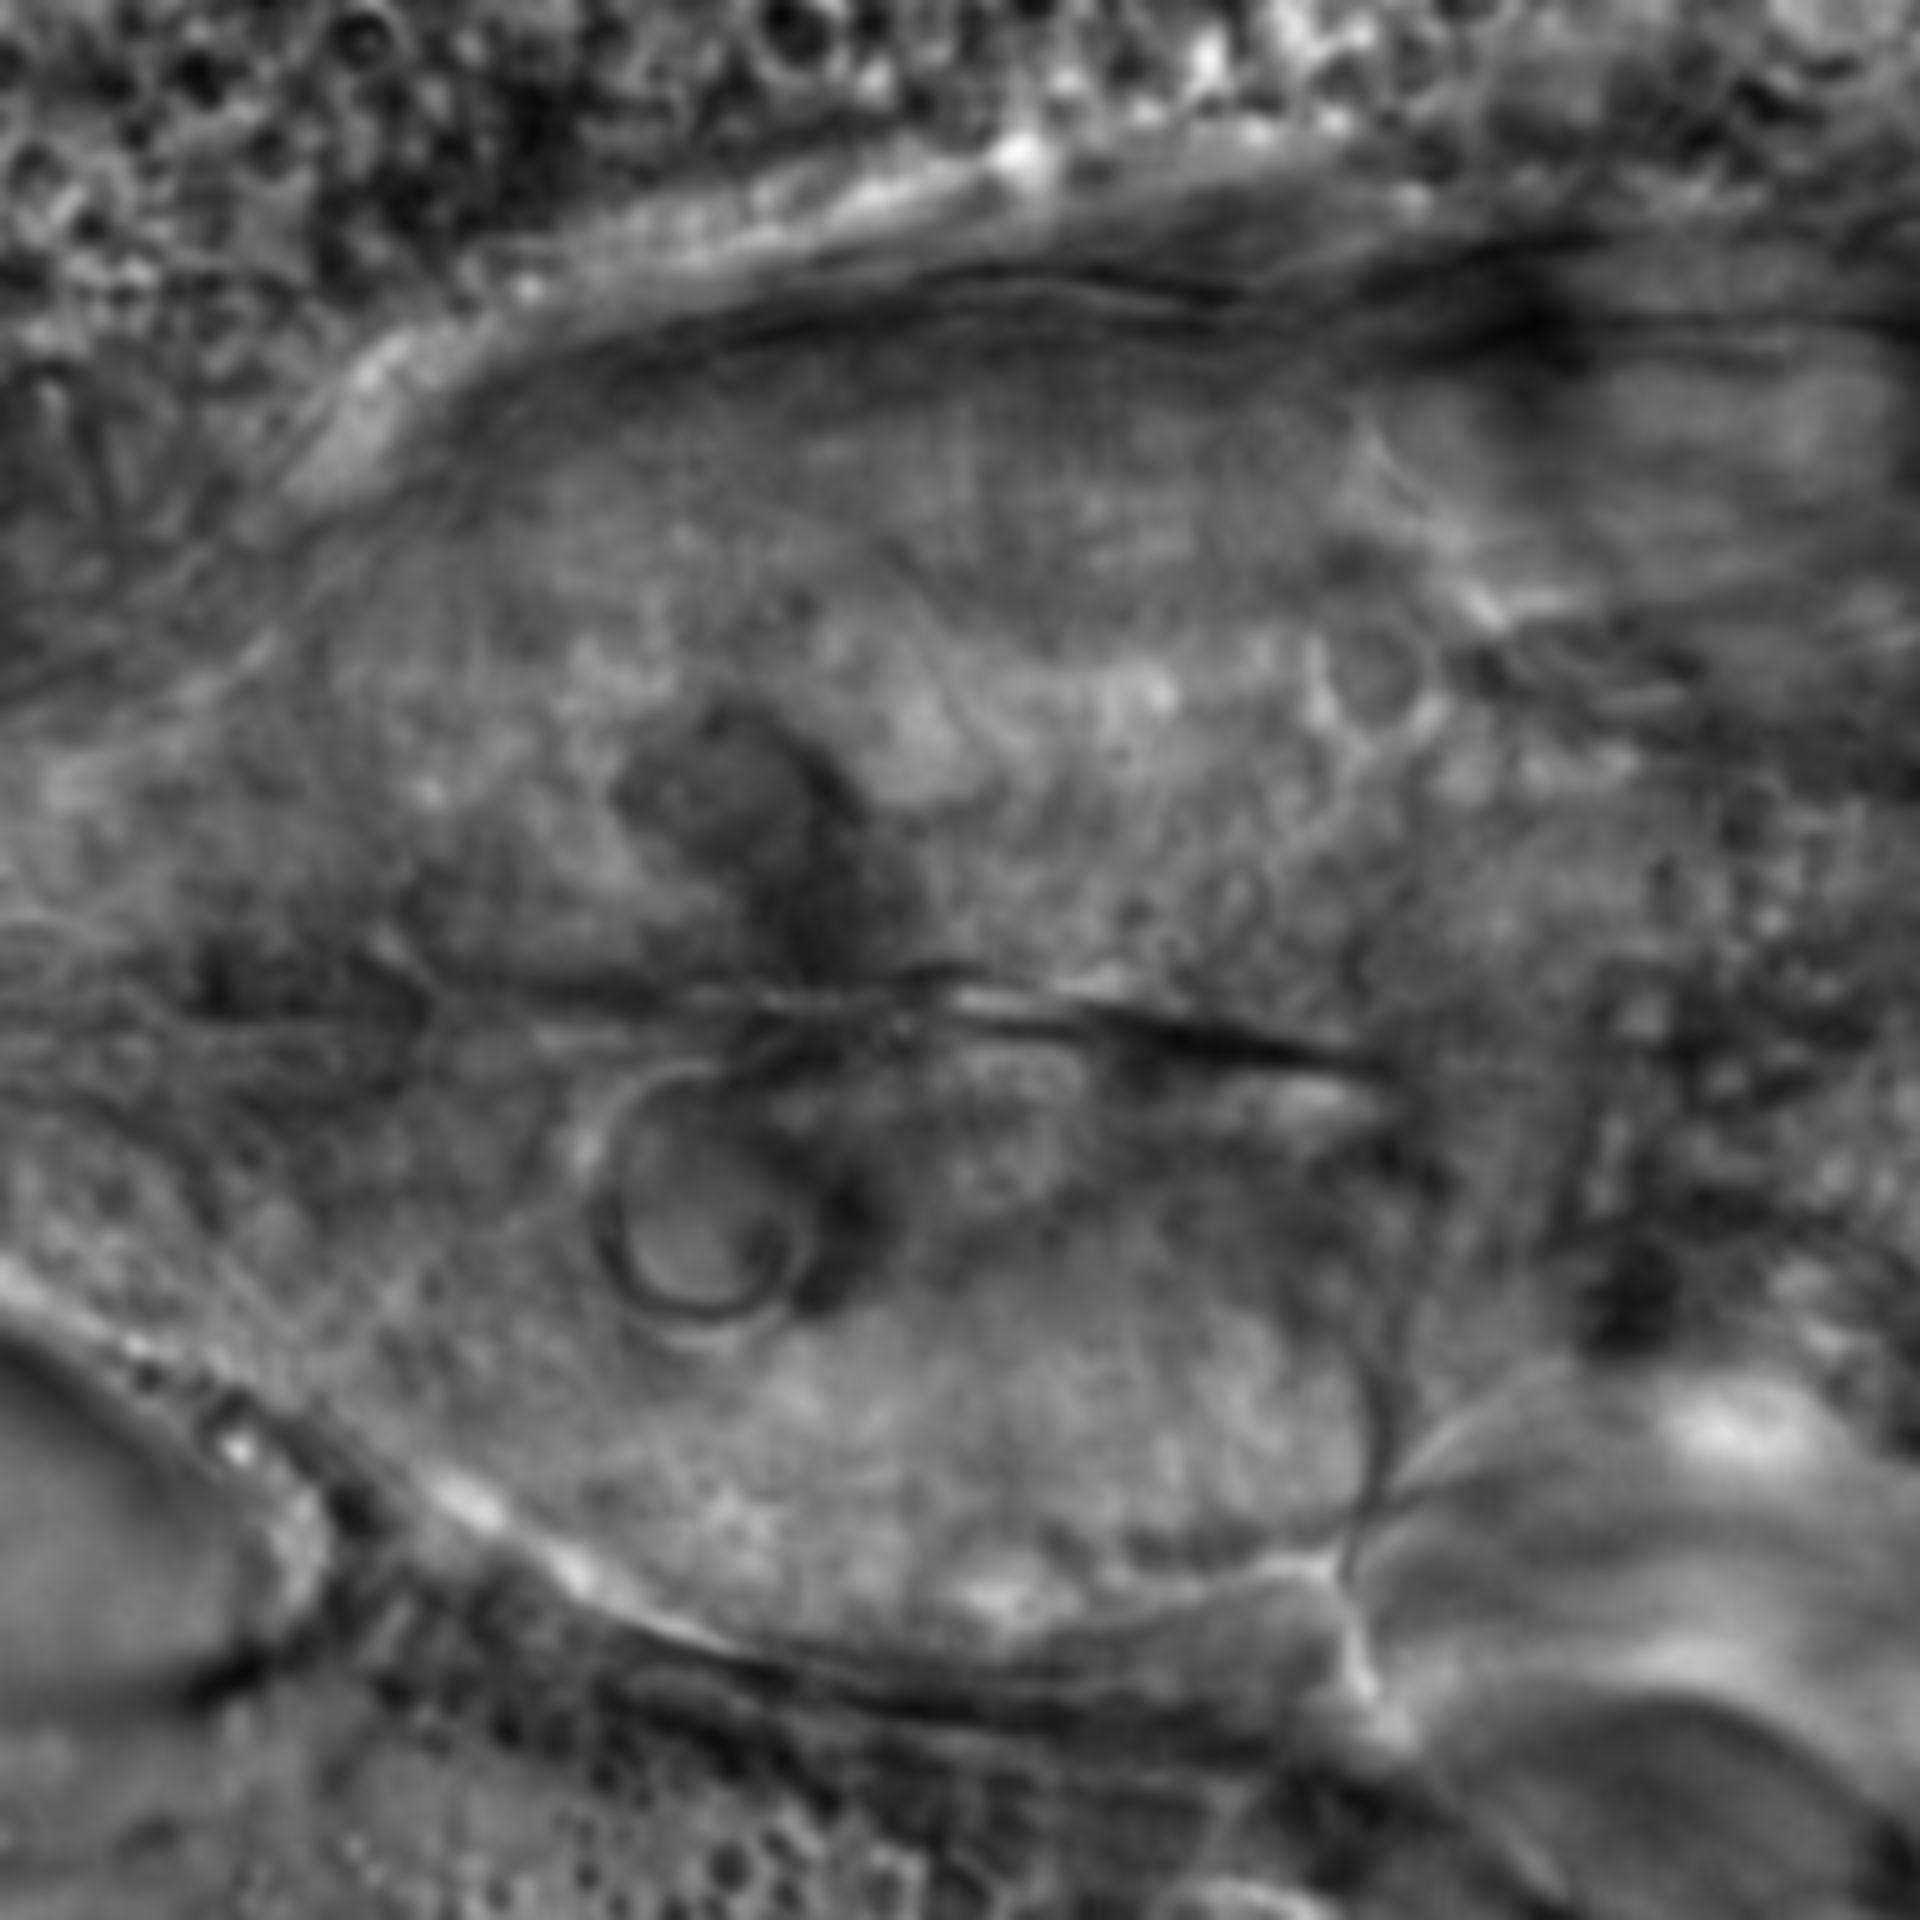 Caenorhabditis elegans - CIL:1933